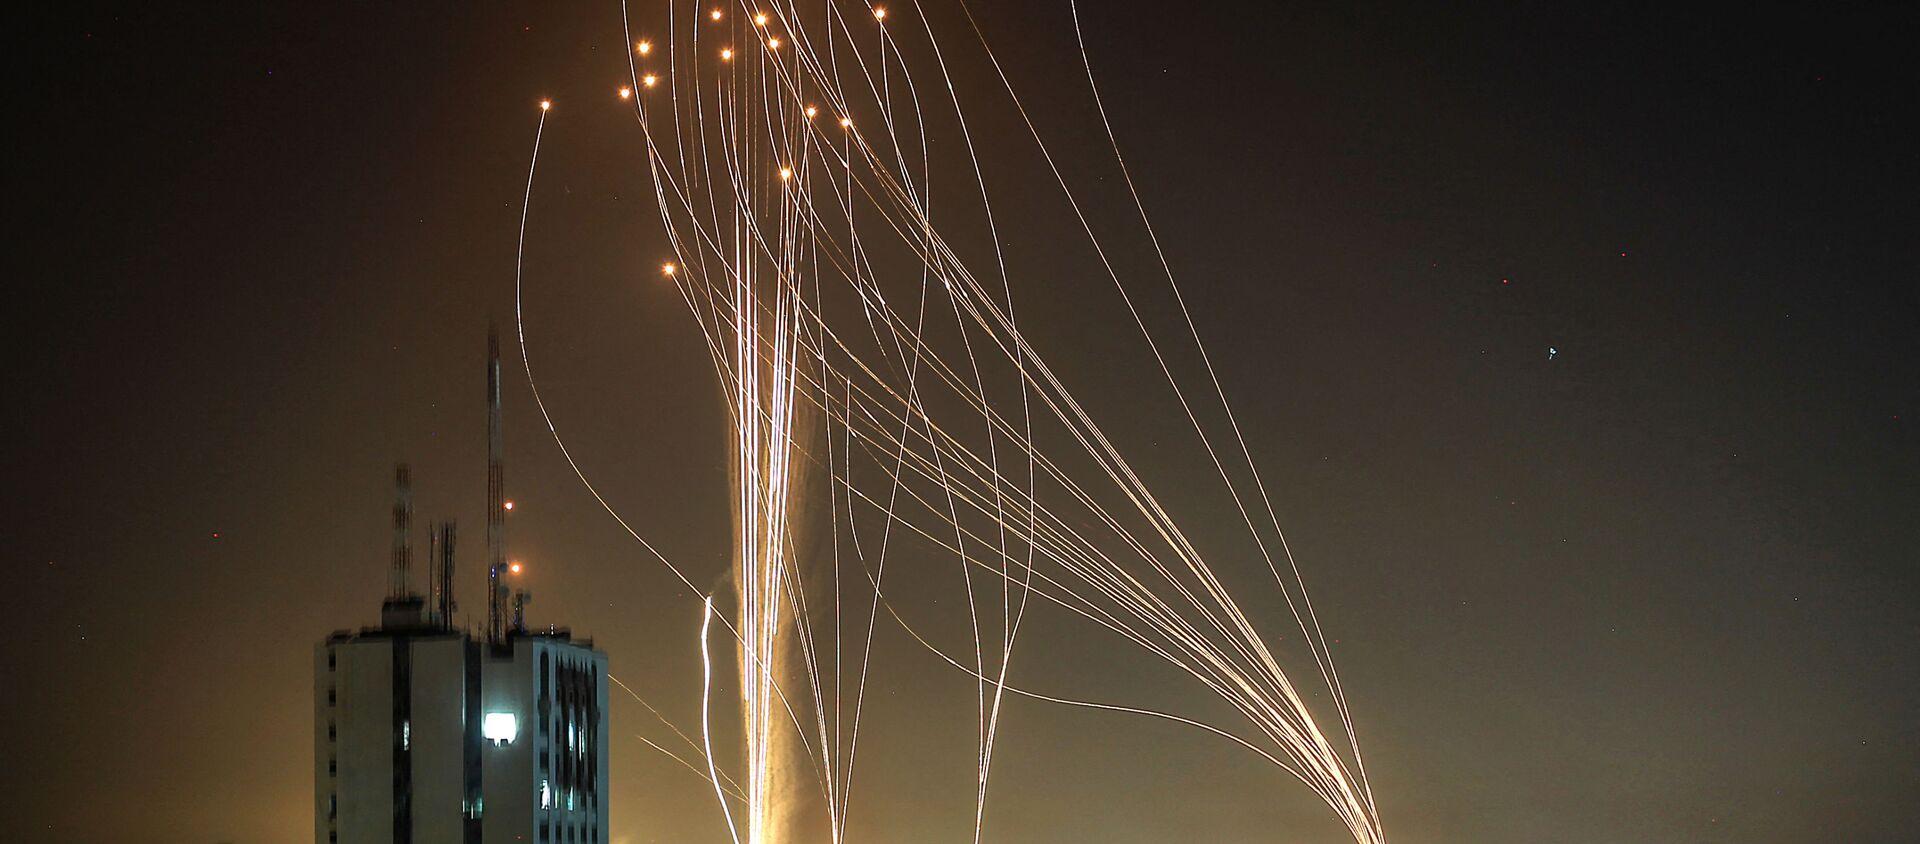 Missili nel cielo di Tel Aviv, 11 maggio 2021 - Sputnik Italia, 1920, 12.05.2021